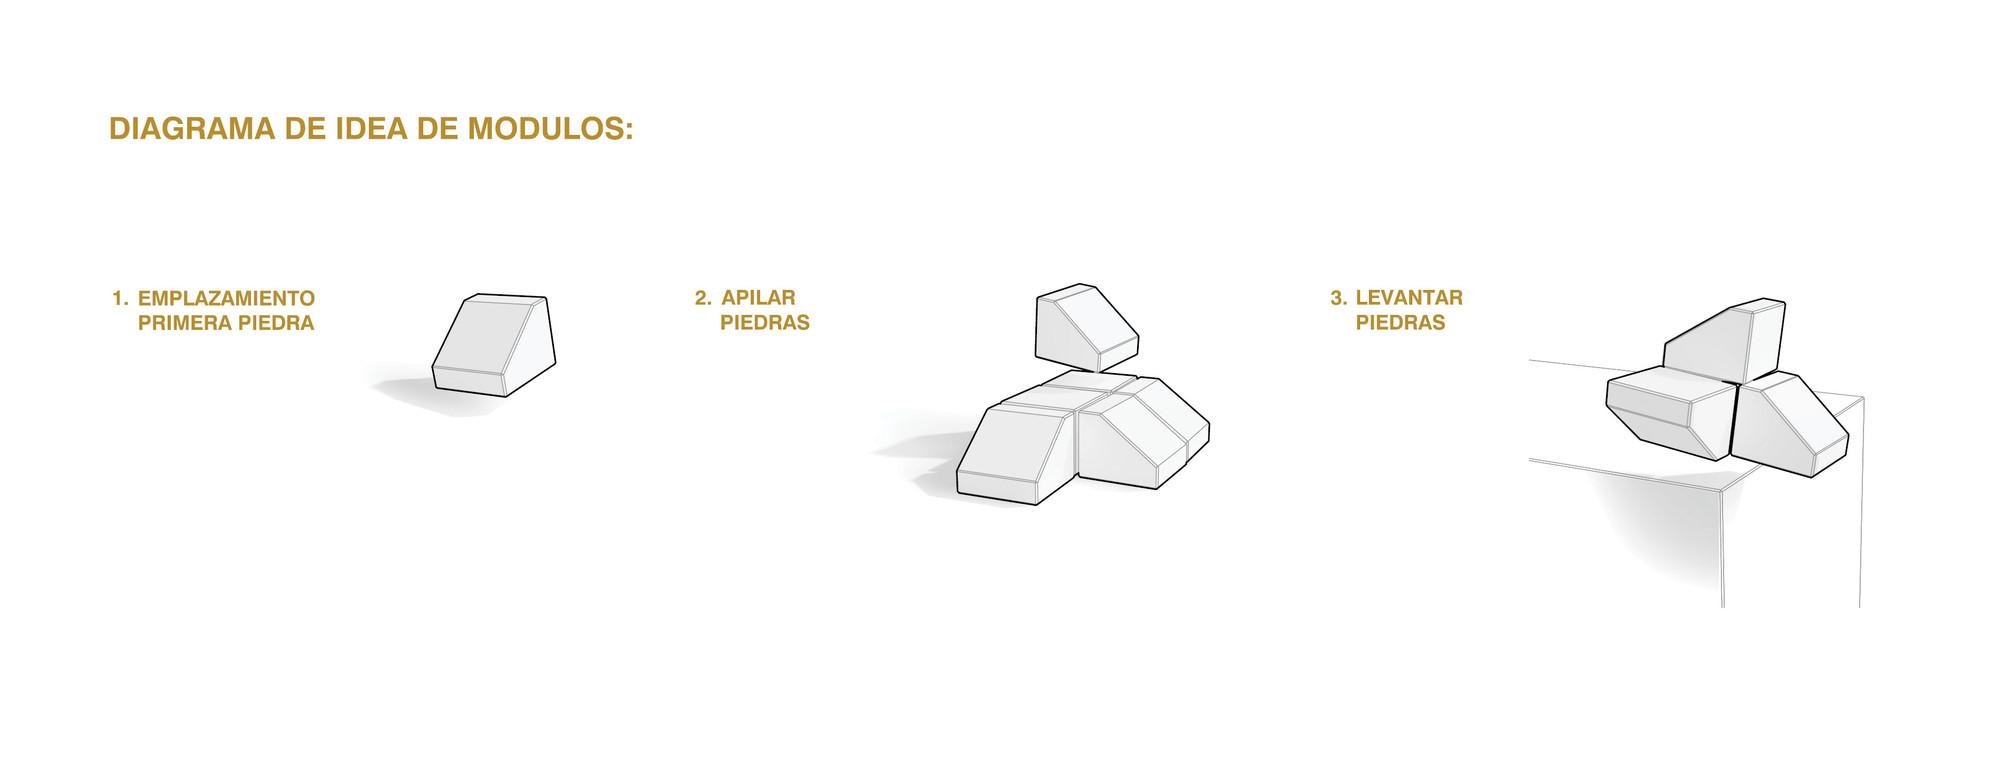 Idea. Image Courtesy of Equipo Segundo Lugar